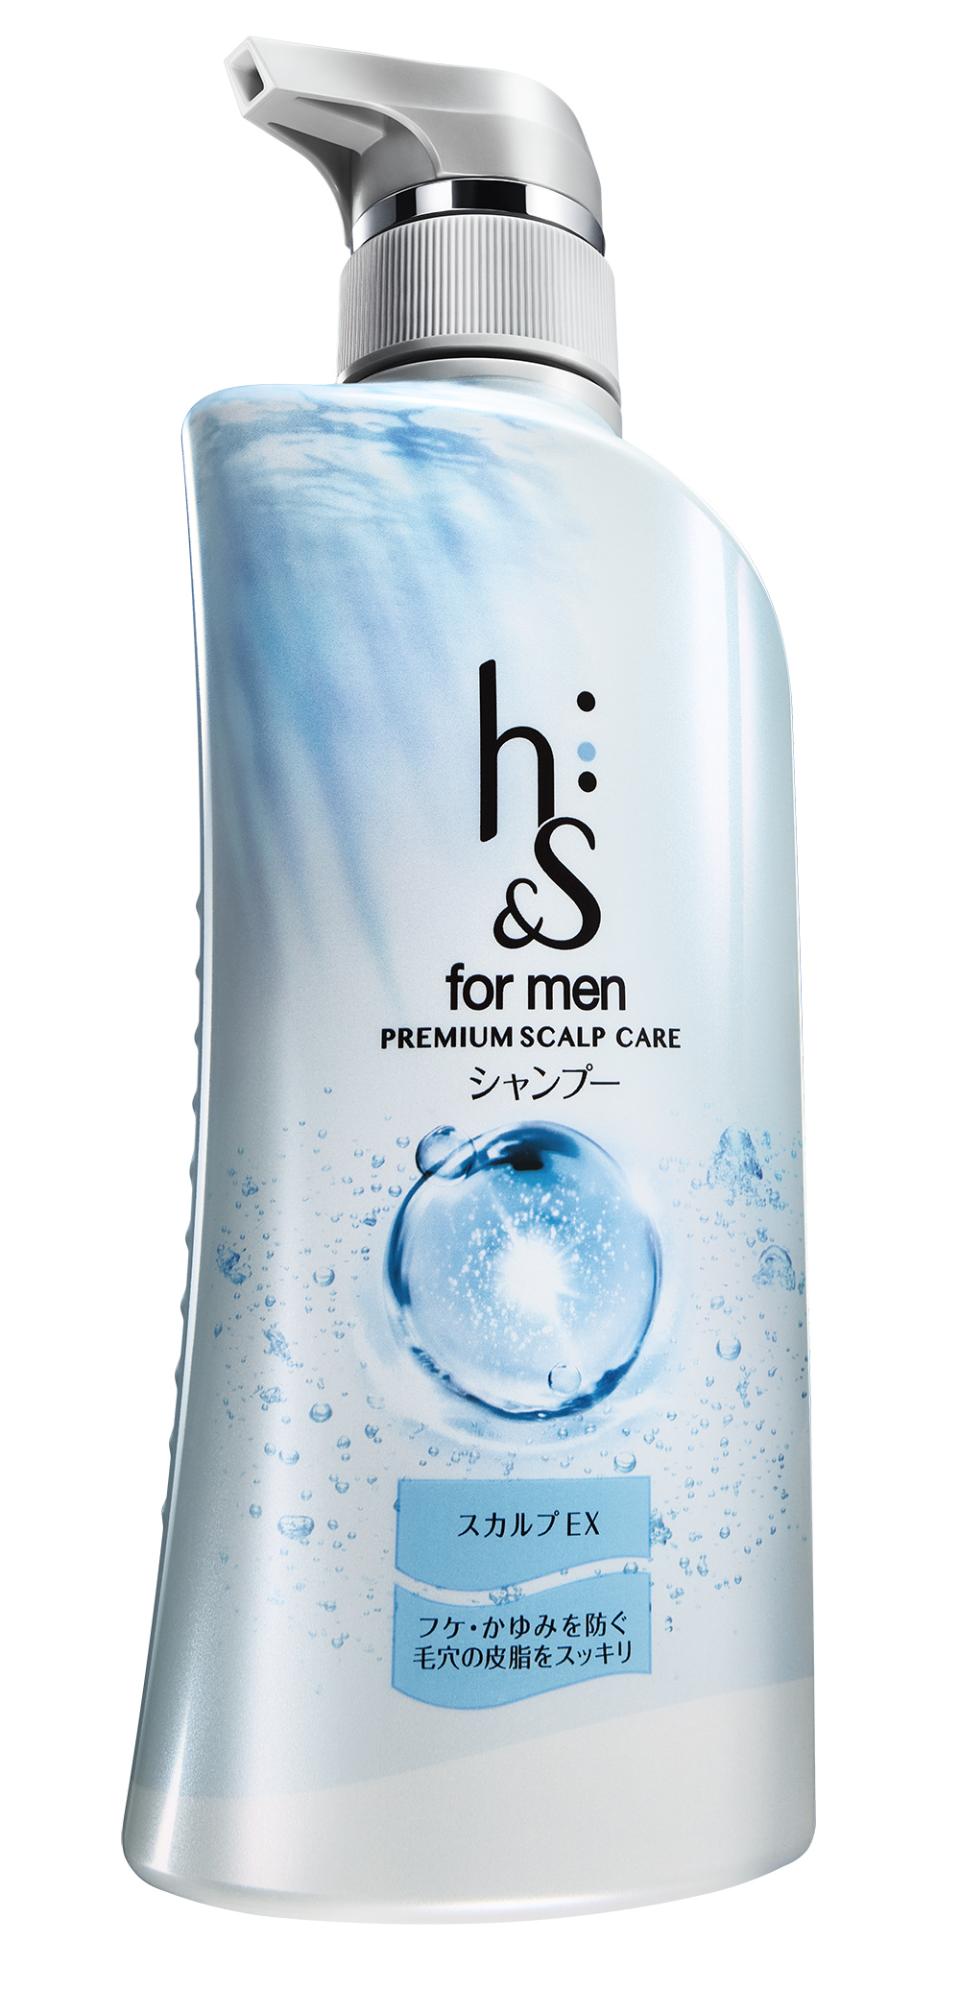 ベタつくスタイリング剤が残ると頭皮トラブルの原因に!一発洗浄できるシャンプーで髪と地肌をリセット 3番目の画像